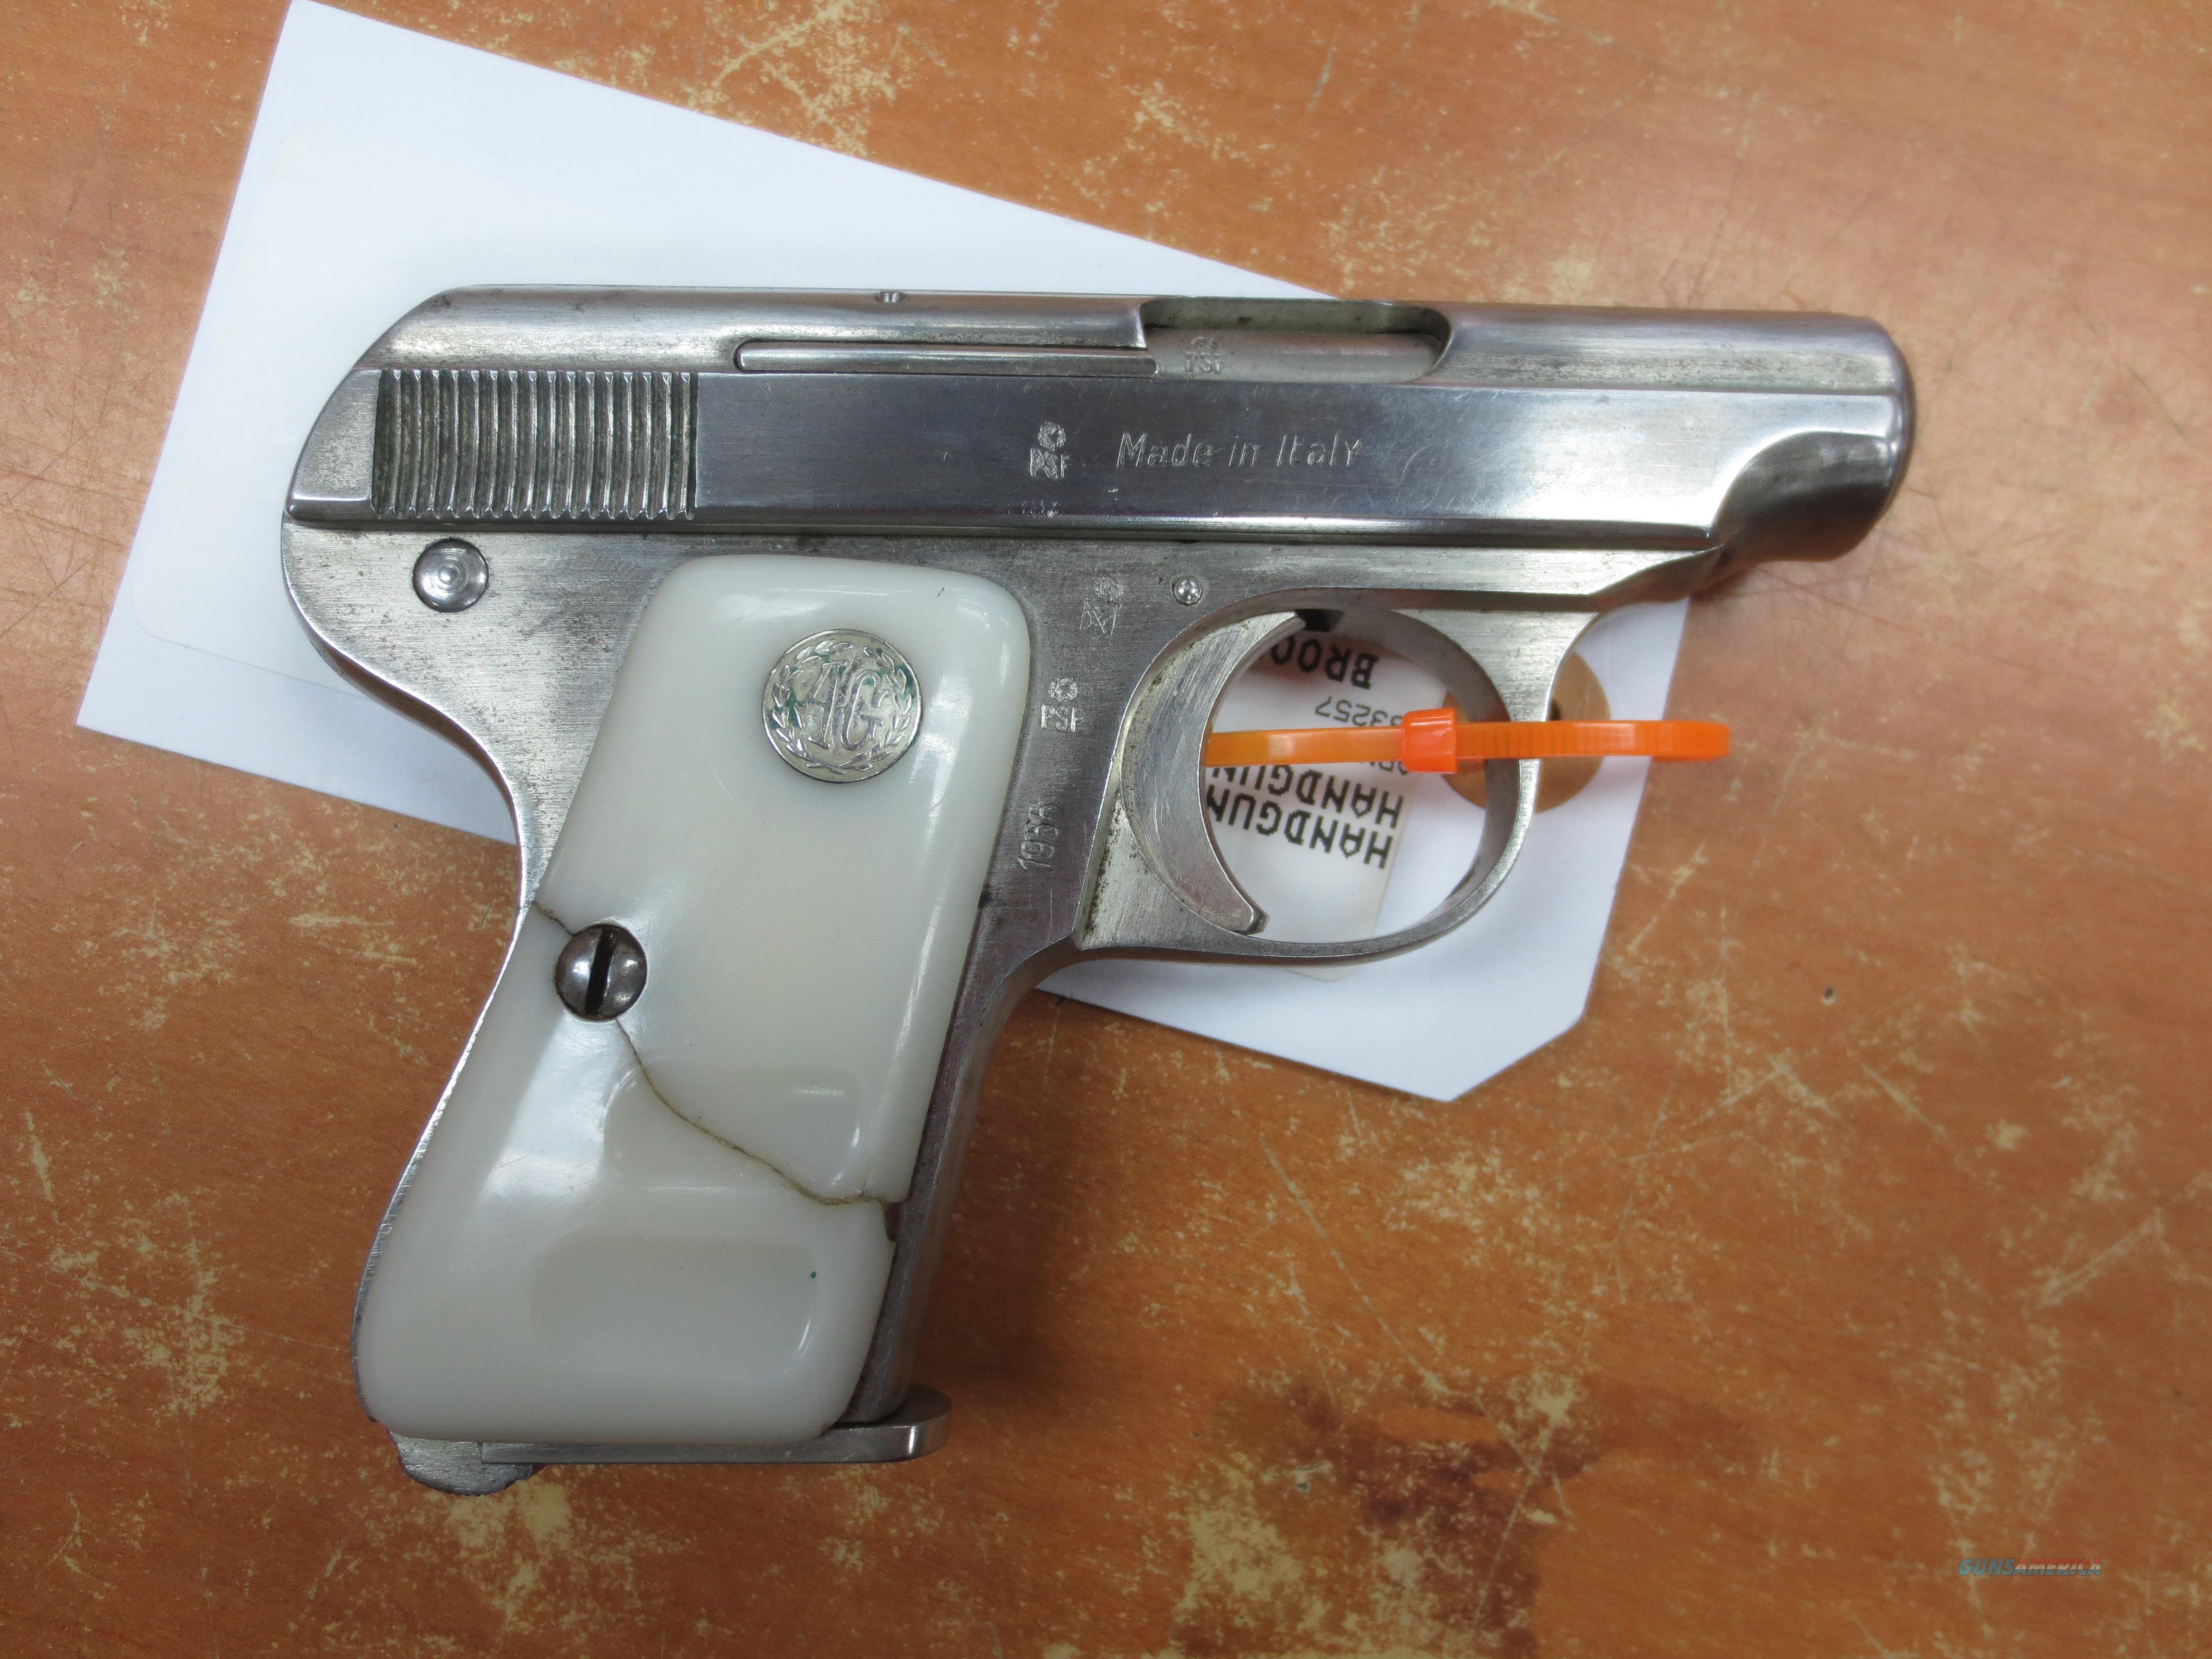 Armi Galesi Brescia Brevetto 6.35mm   Guns > Pistols > A Misc Pistols